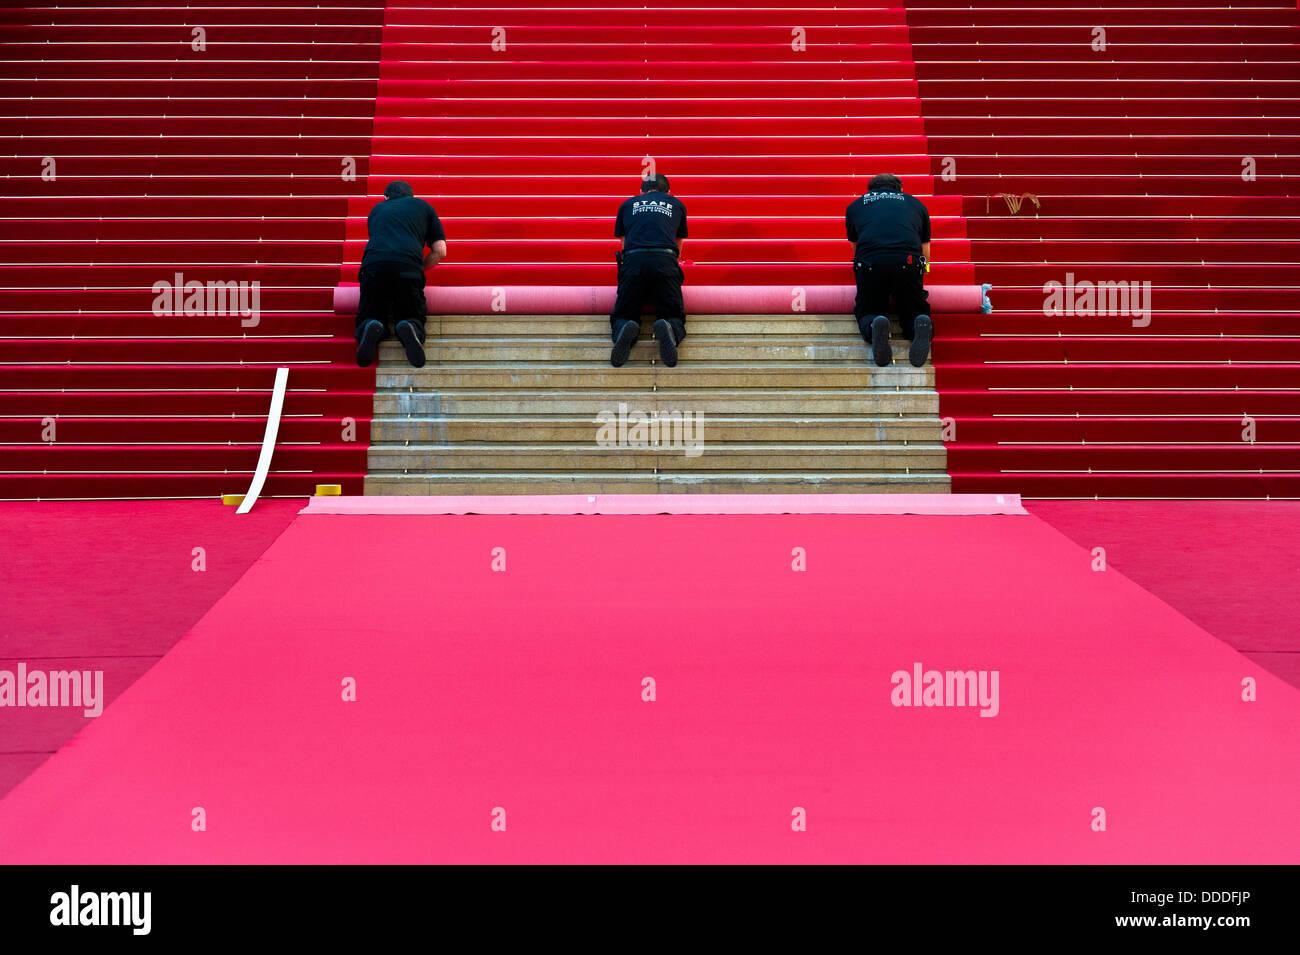 Europa, Frankreich, Alpes-Maritimes, Cannes Filmfestival, Teppich Installation für den roten Teppich. Stockbild